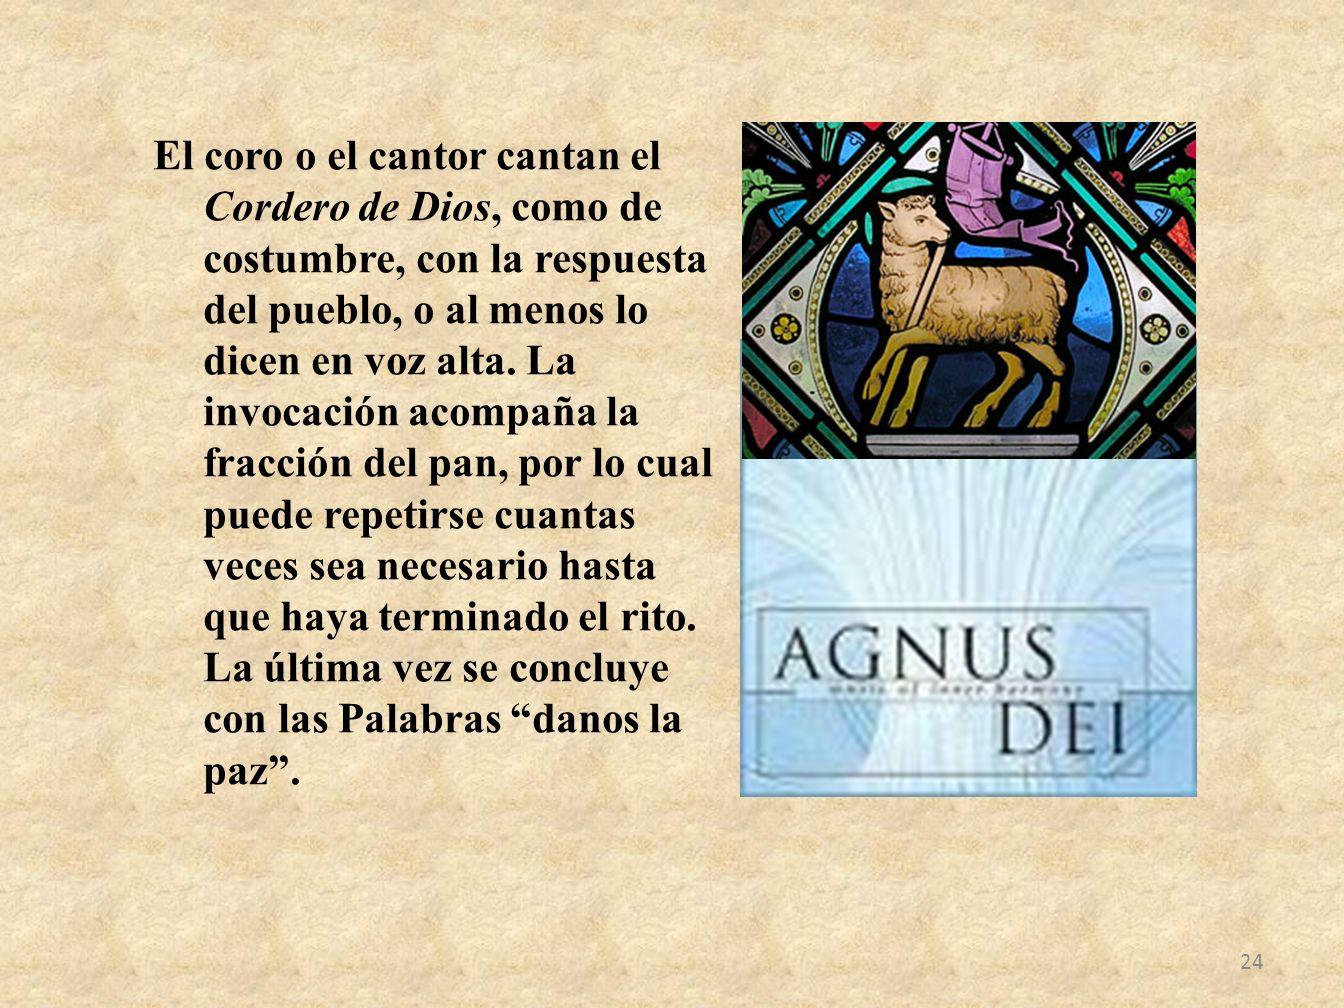 El coro o el cantor cantan el Cordero de Dios, como de costumbre, con la respuesta del pueblo, o al menos lo dicen en voz alta.